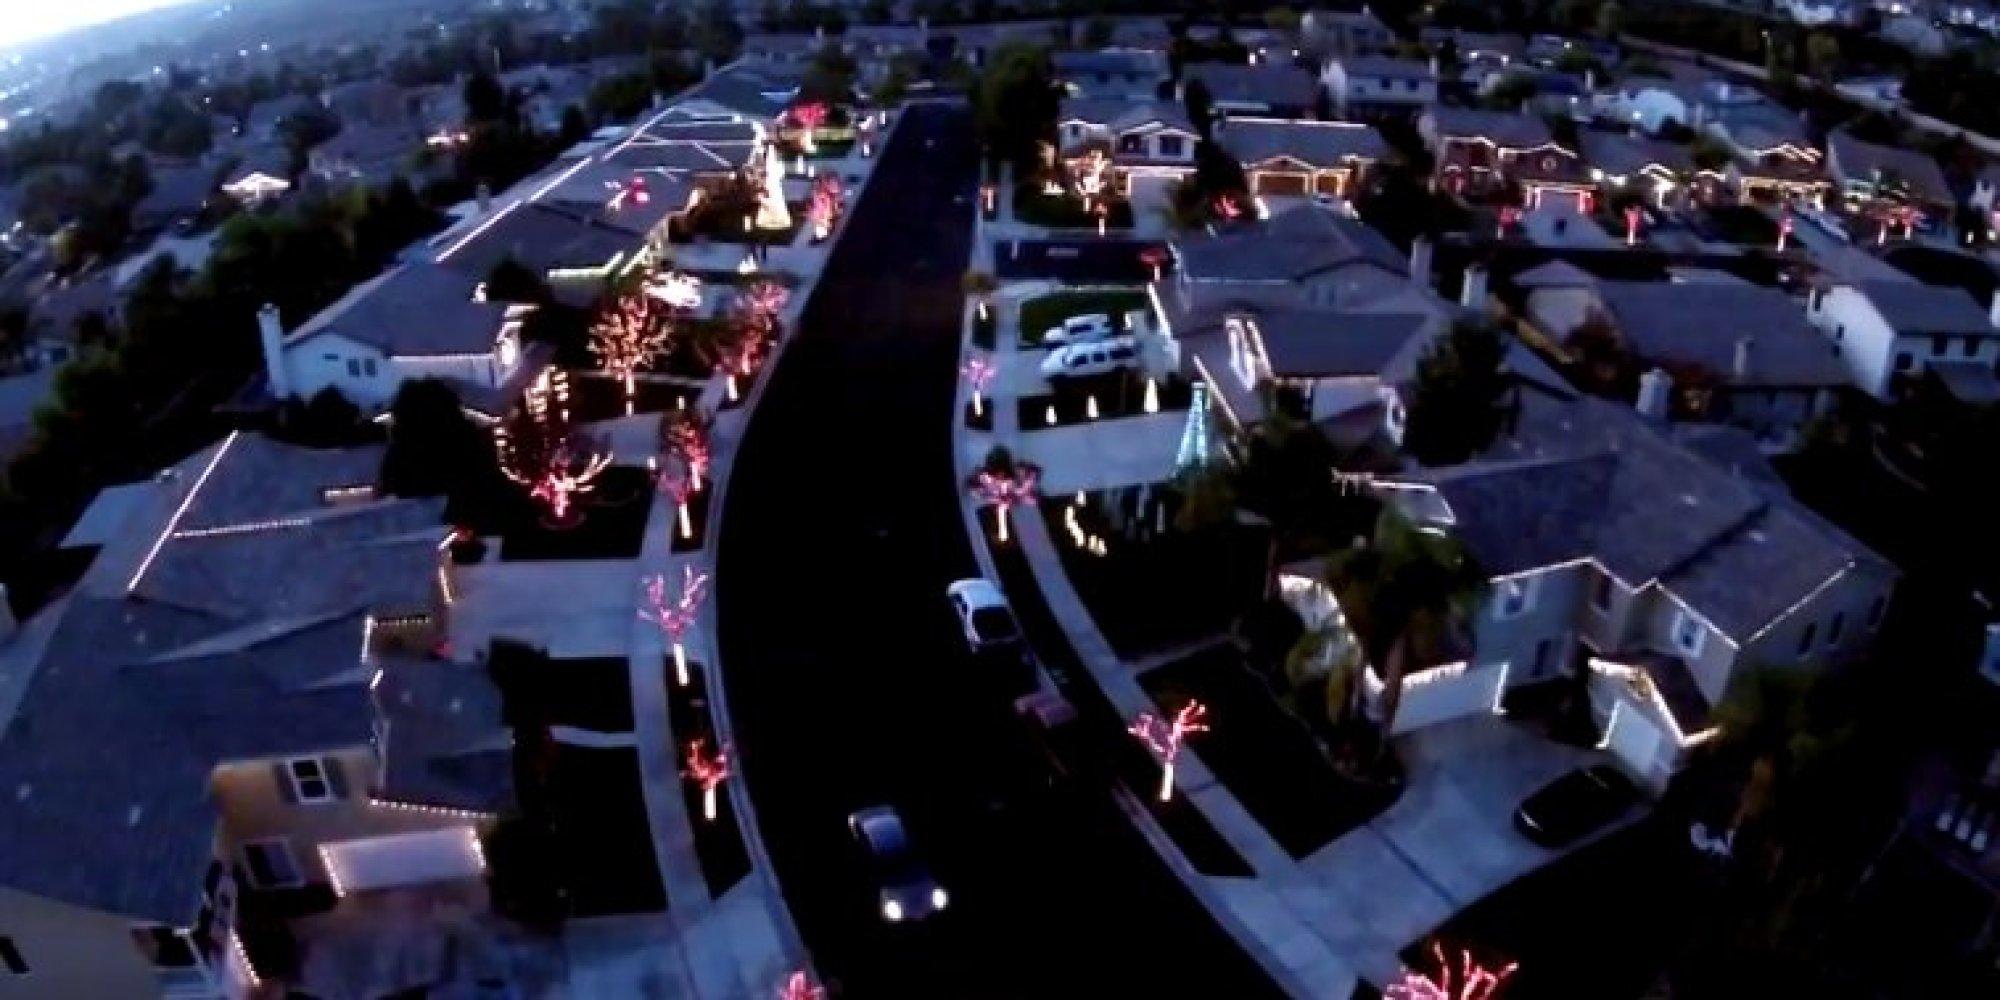 O CHRISTMAS LIGHT SHOW Facebook